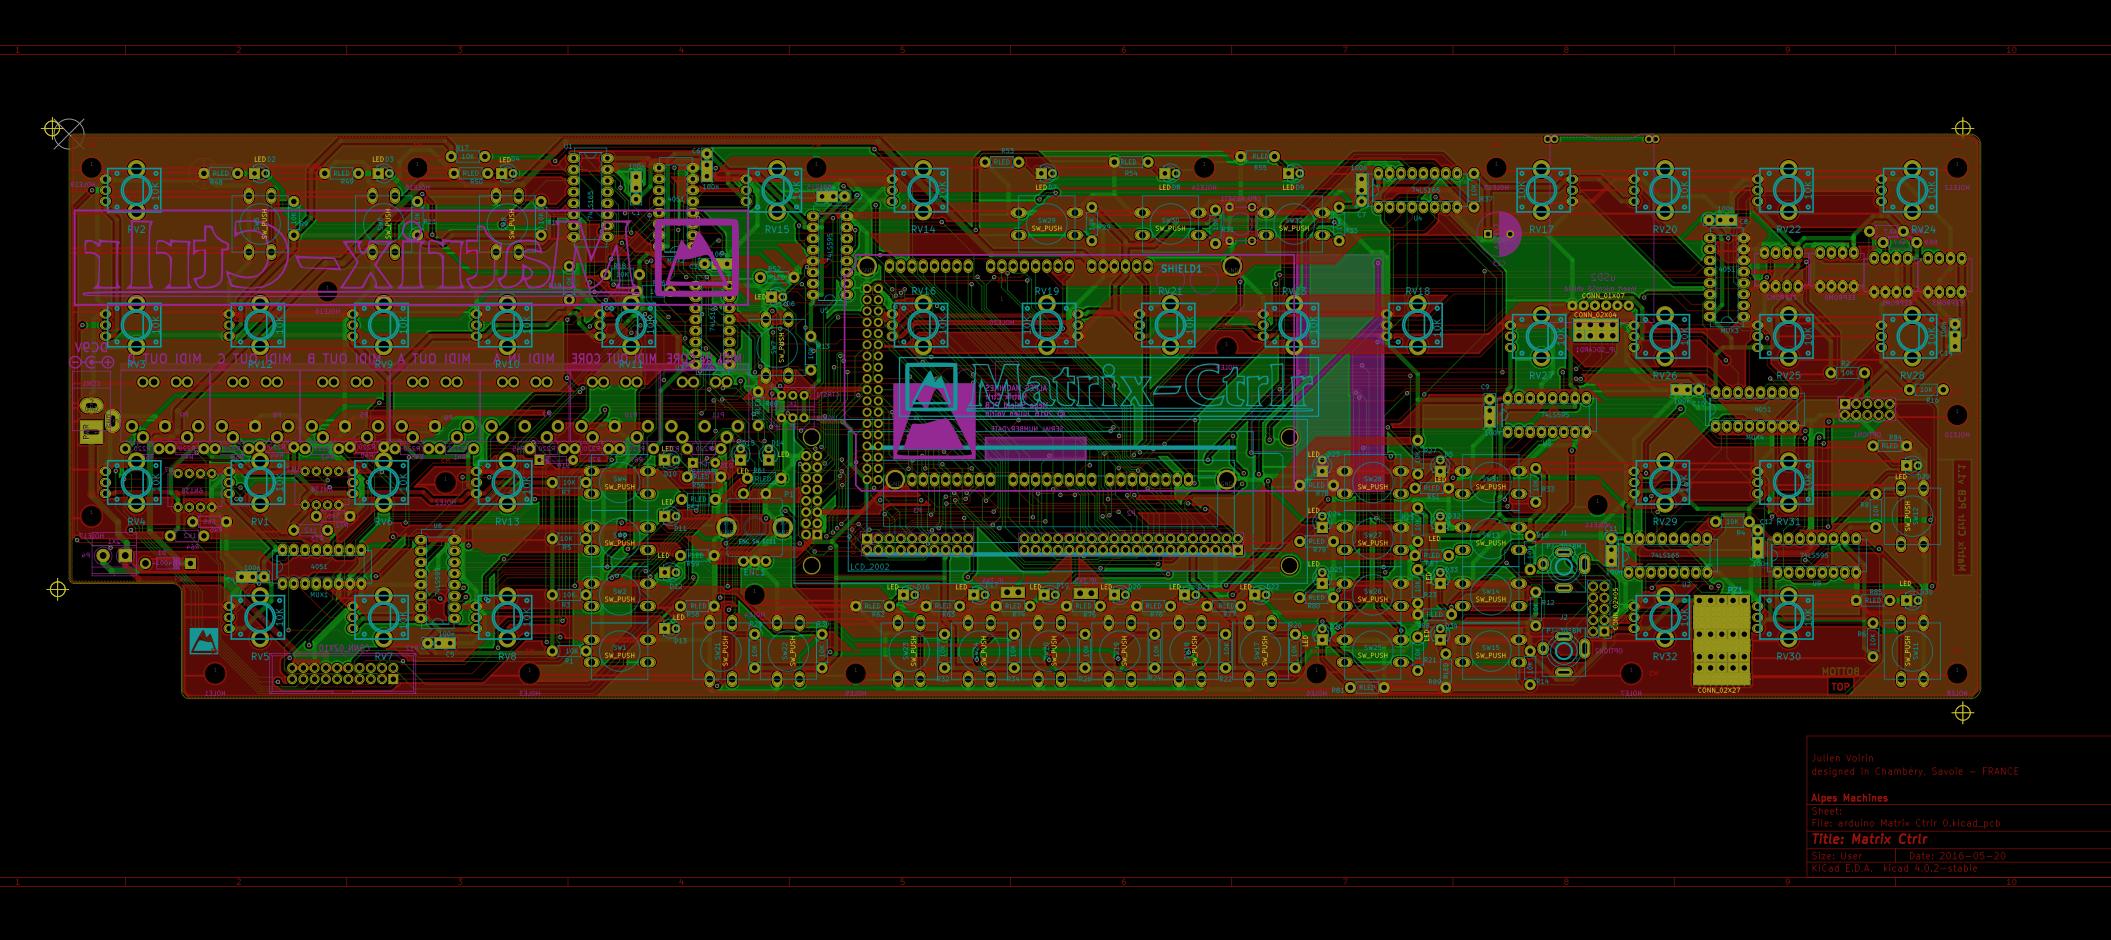 matrix_ctrlr_pcb_kicad2d